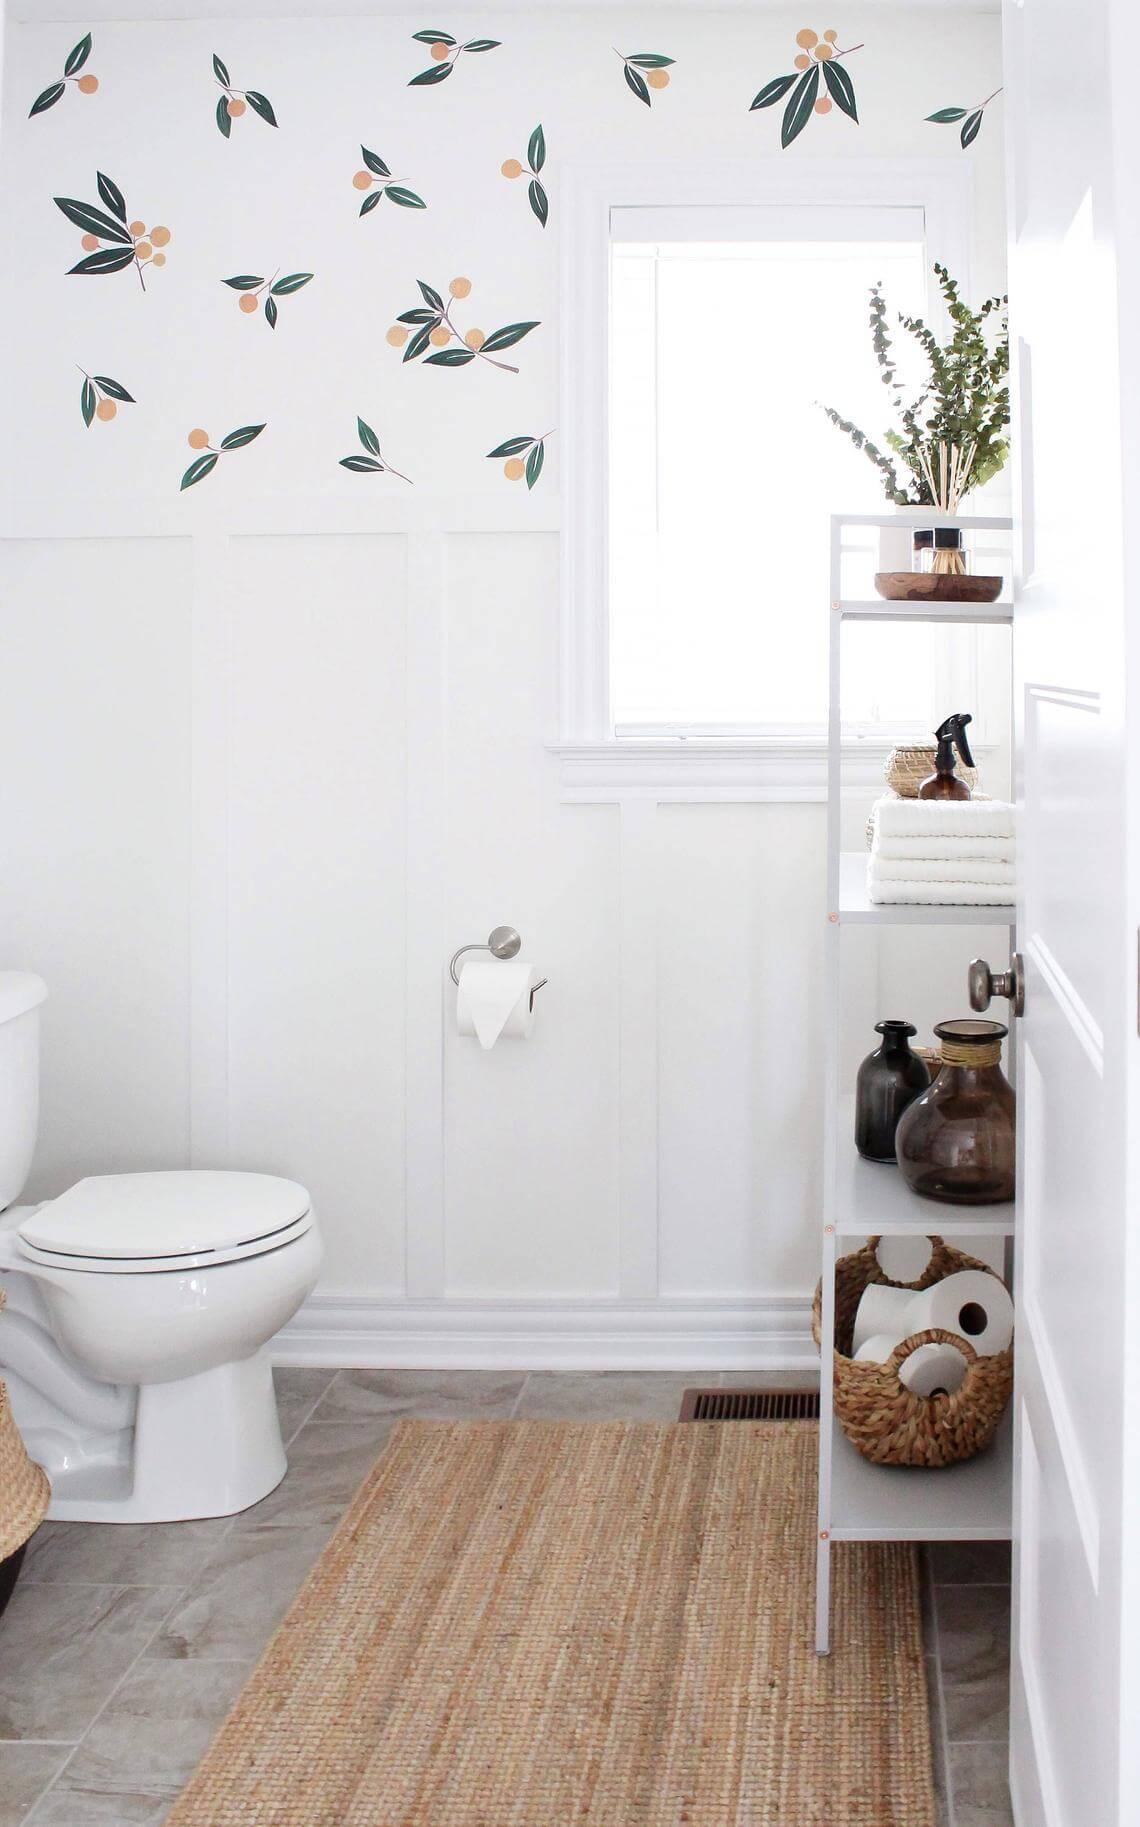 Elevated White Multilevel Bathroom Shelving